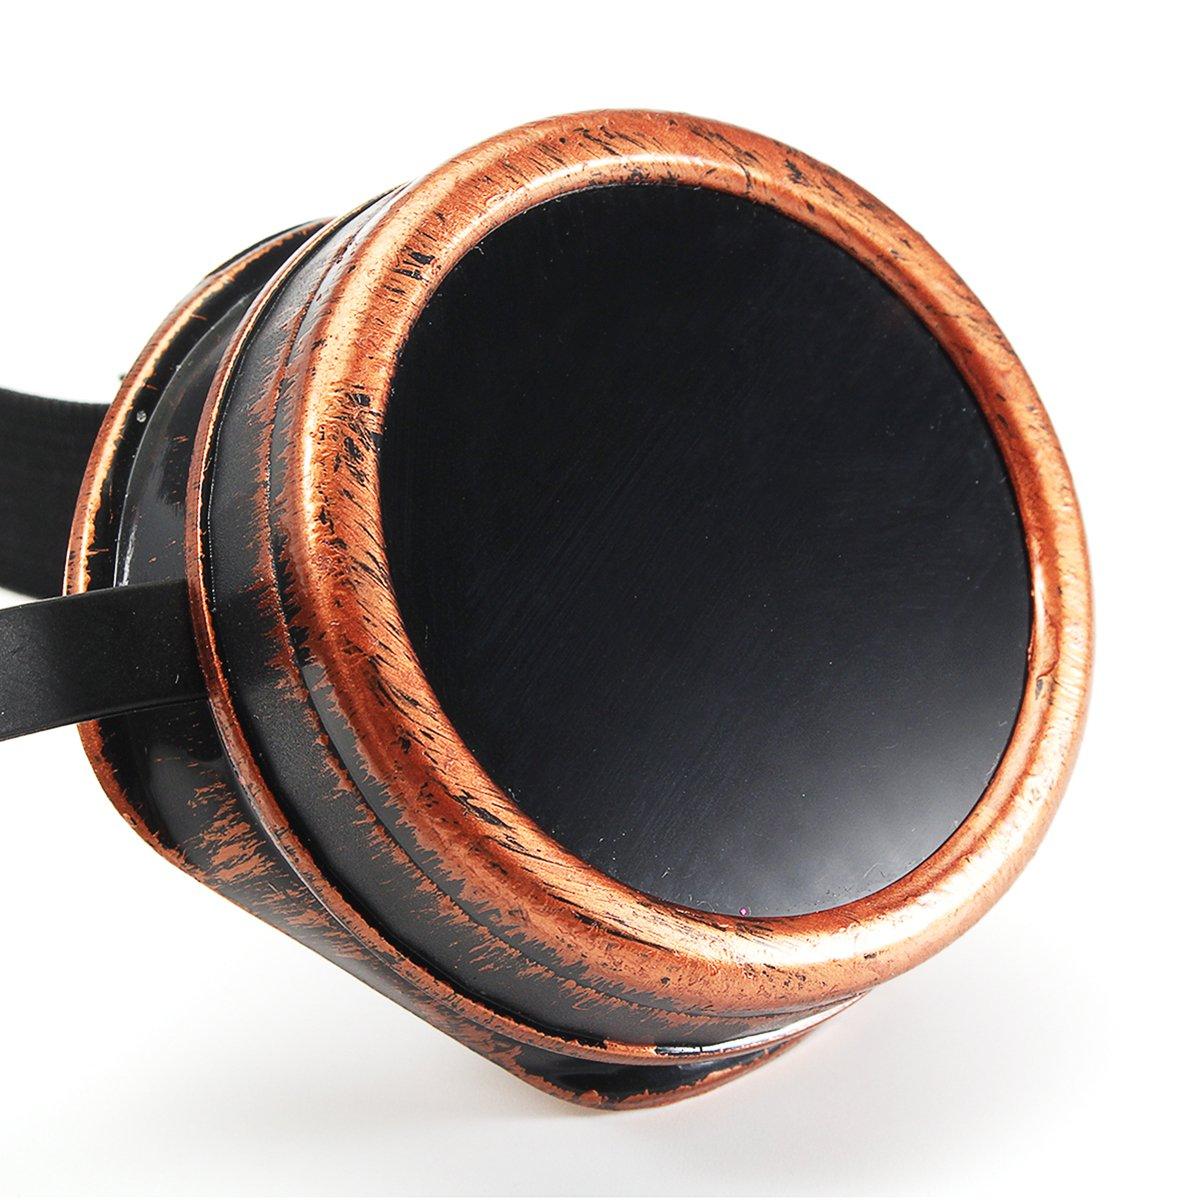 TENGGO Color Eclipse Solar Gafas Gafas Electric Soldadura Gafas De Sol A Prueba De Viento Montar Gafas-Moho: Amazon.es: Hogar